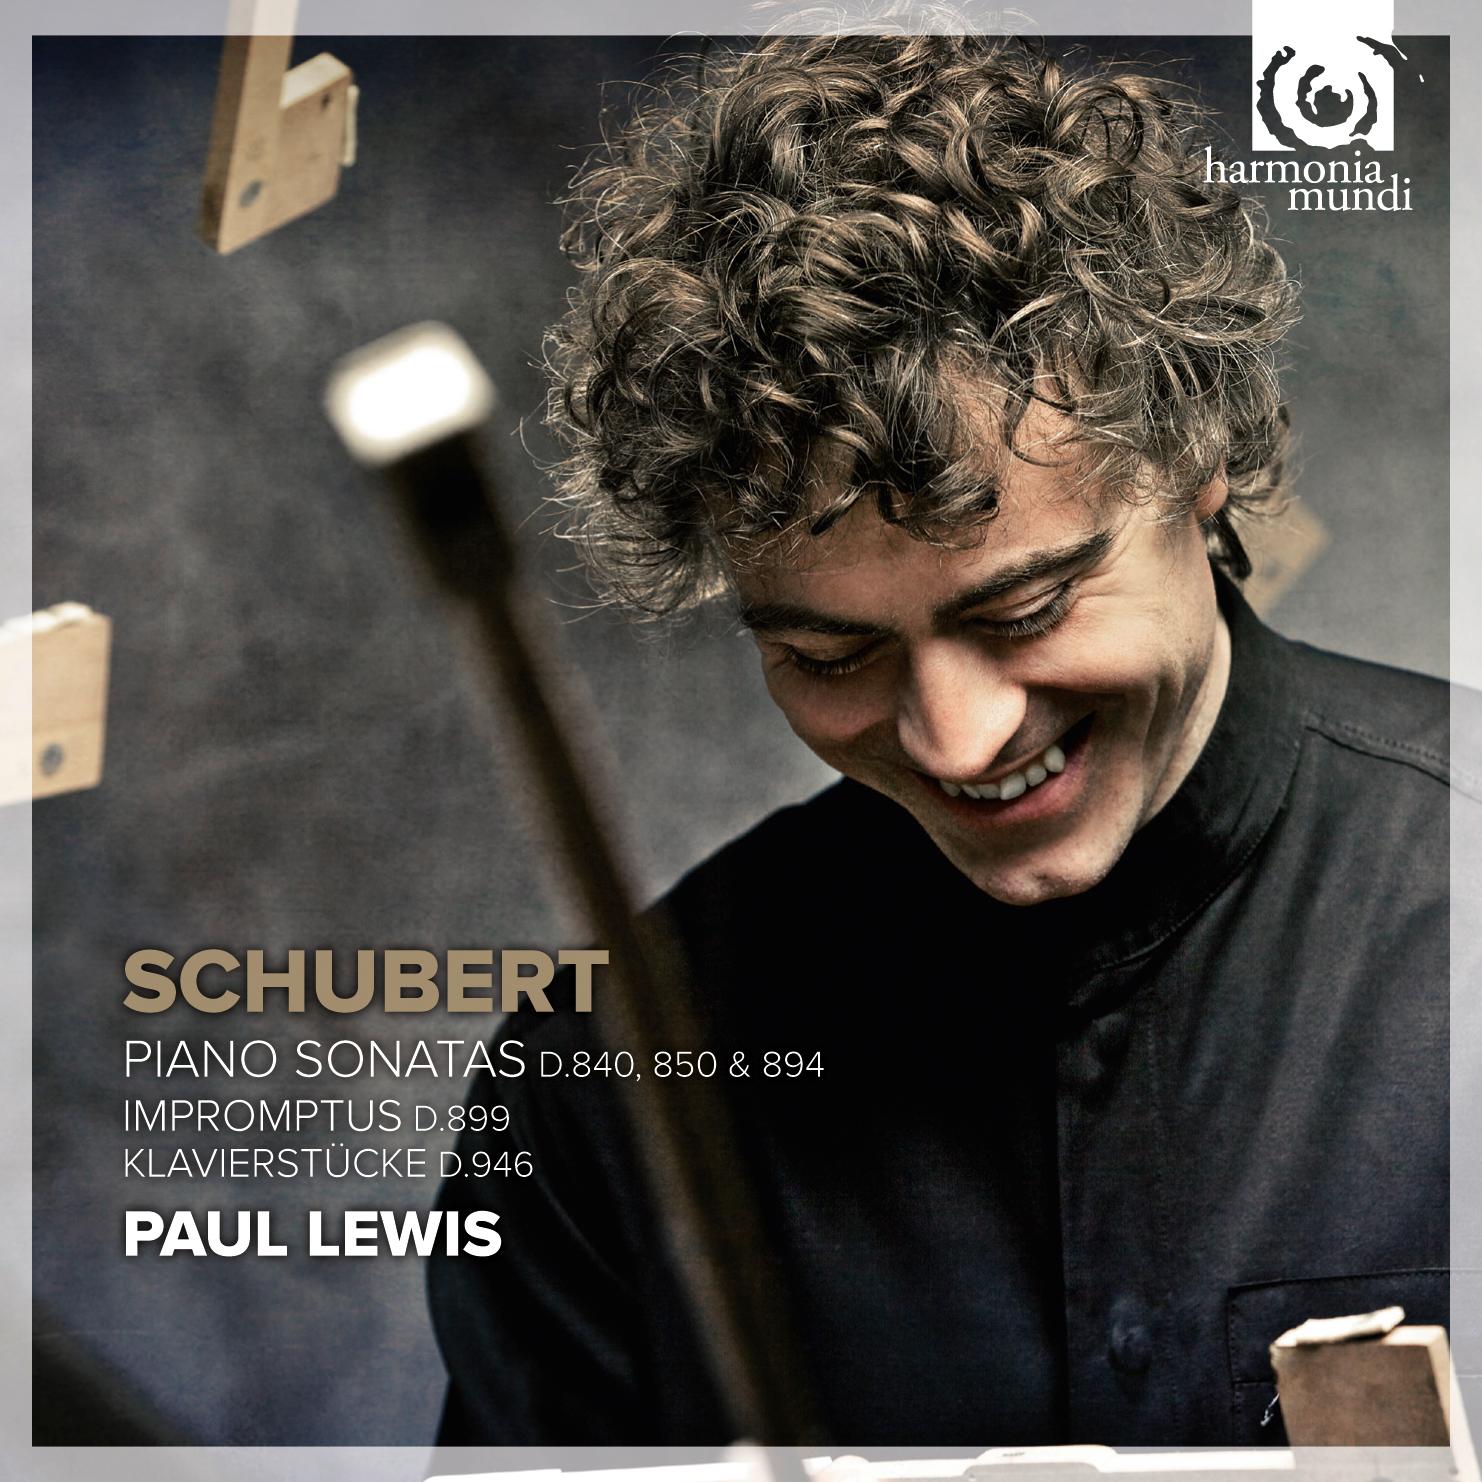 eClassical - Schubert: Piano Sonatas D 840, 850 & 894